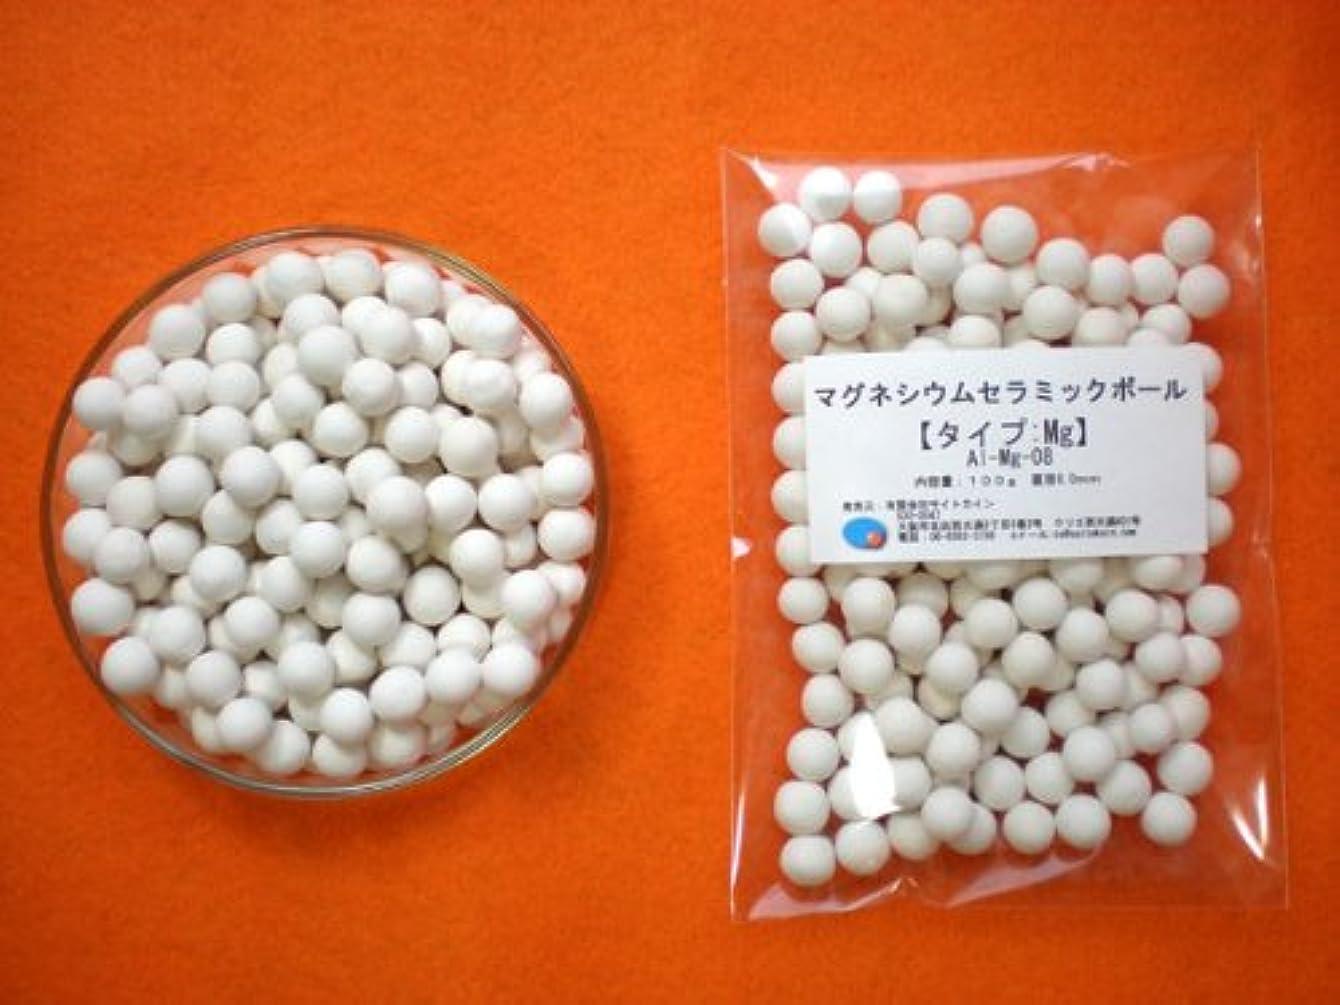 シンカン促すパトロンマグネシウムセラミックボール 500グラム